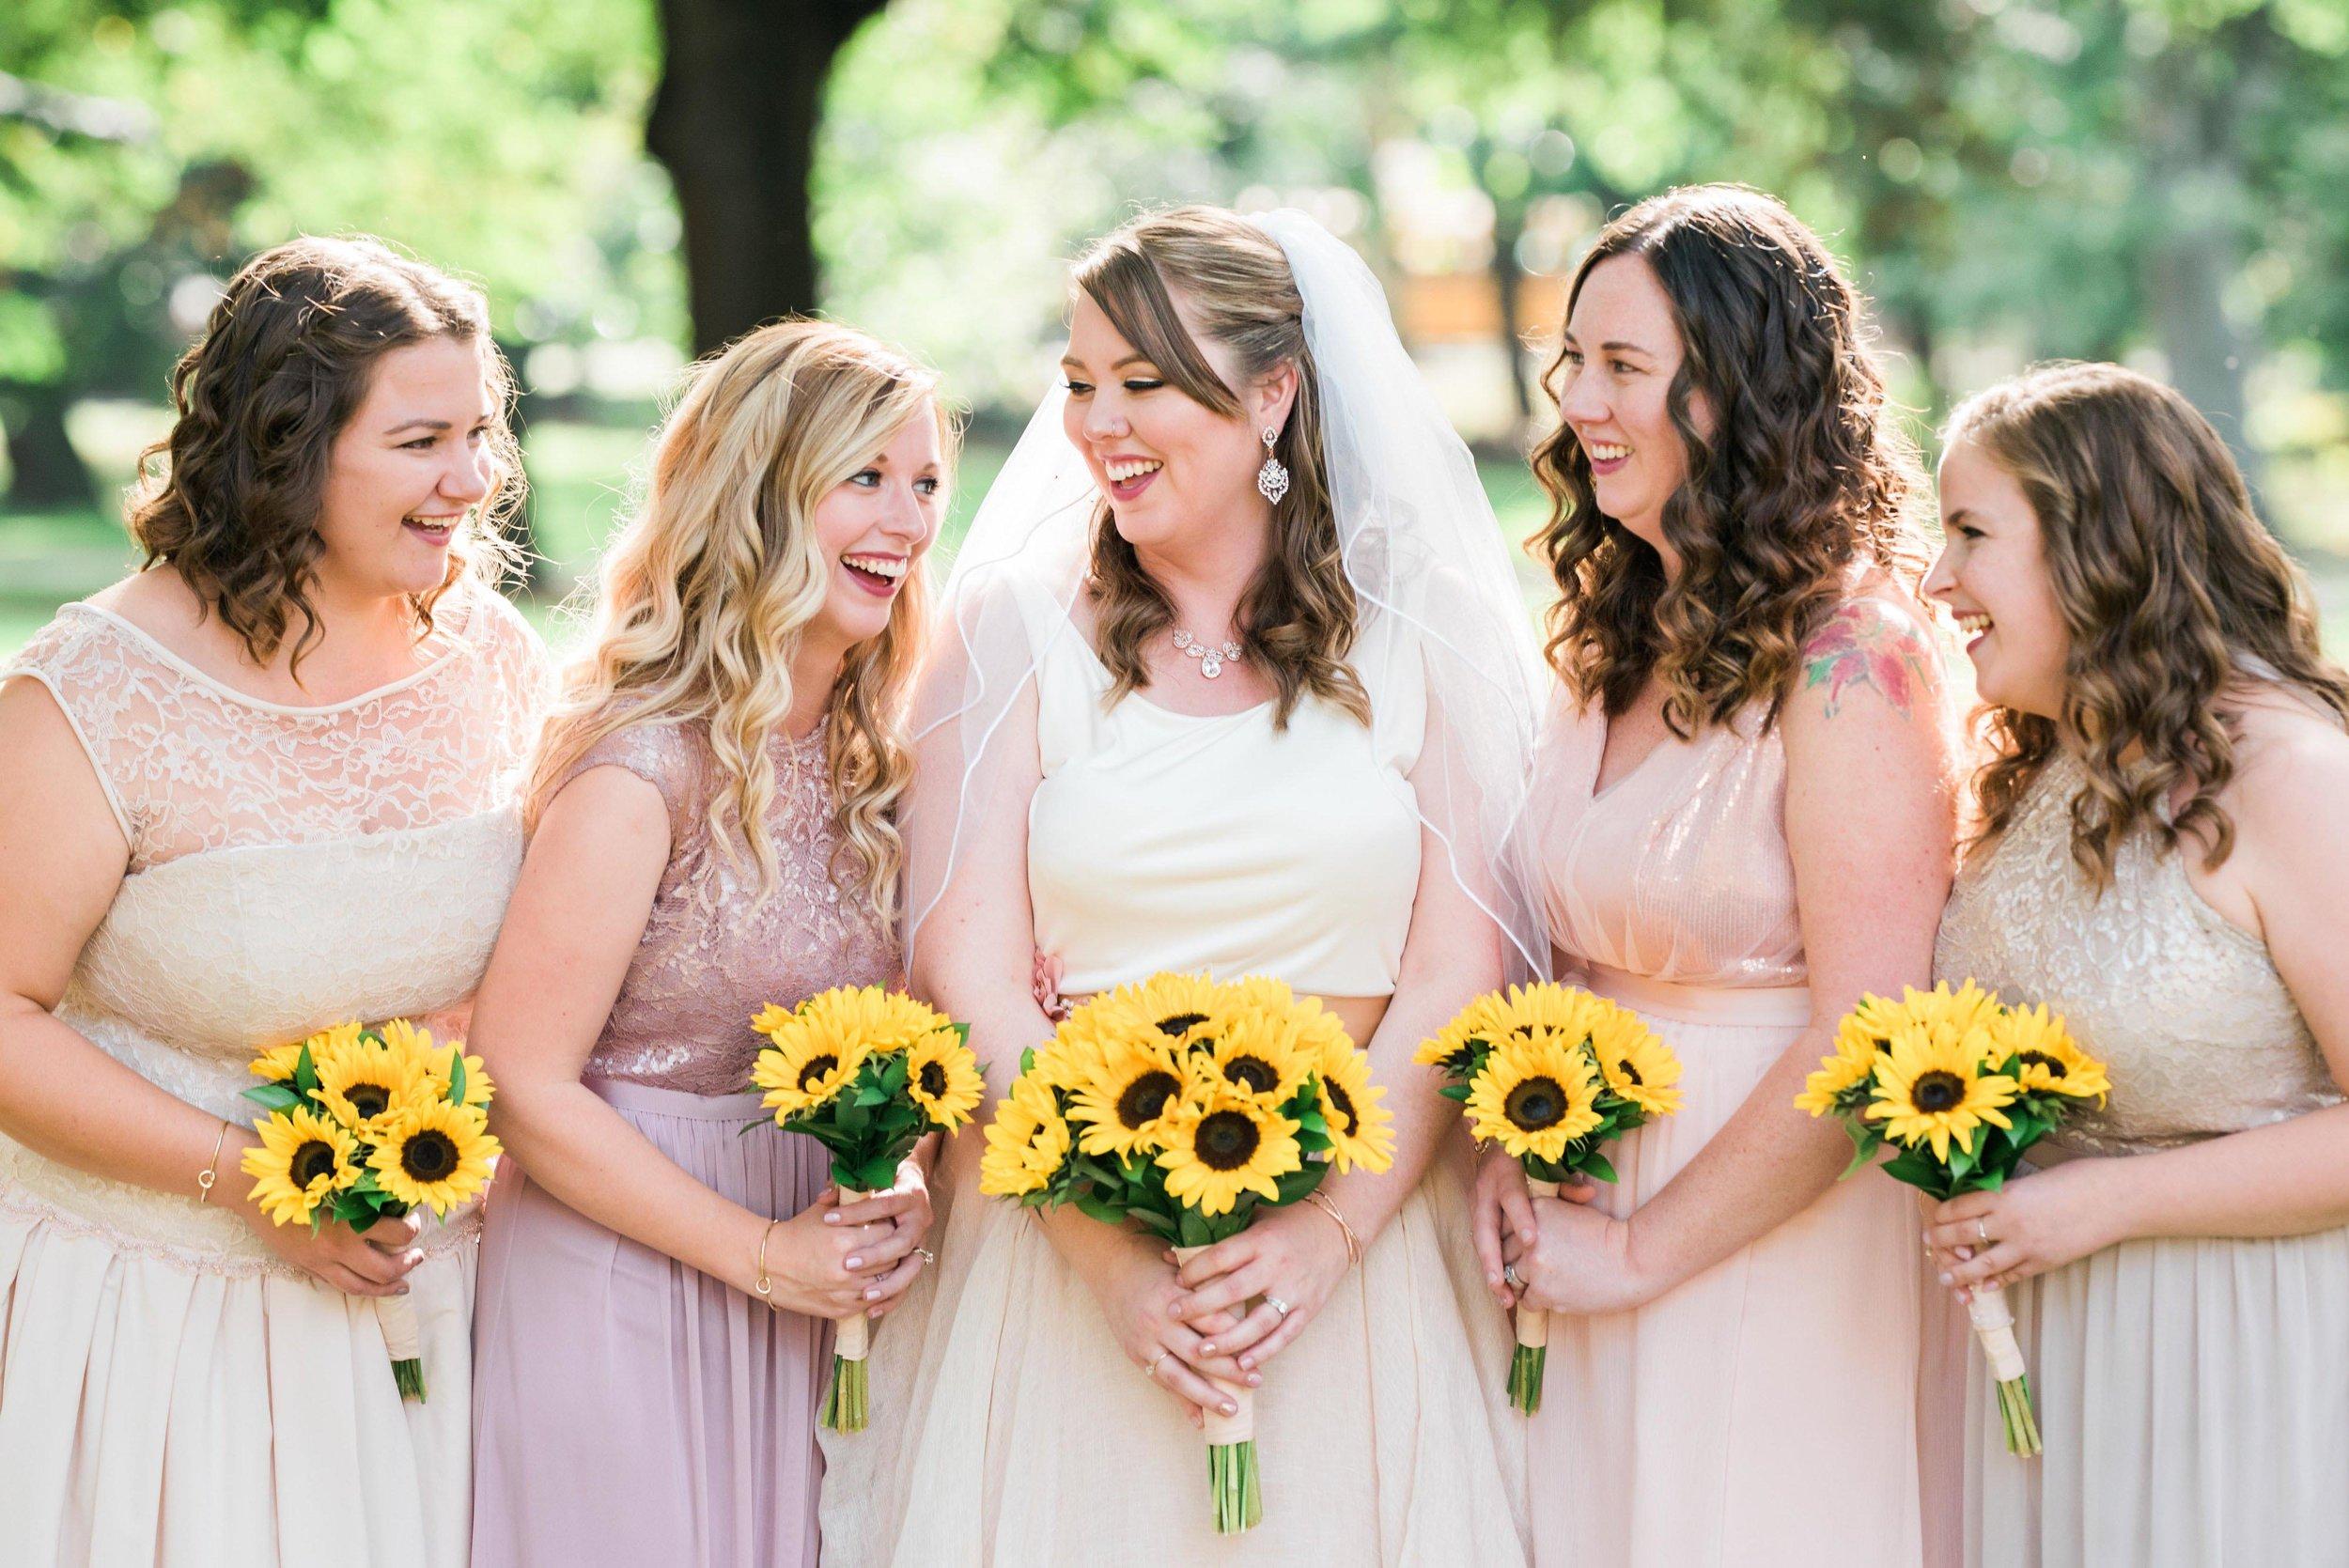 pittsburgh wedding photographers national aviary